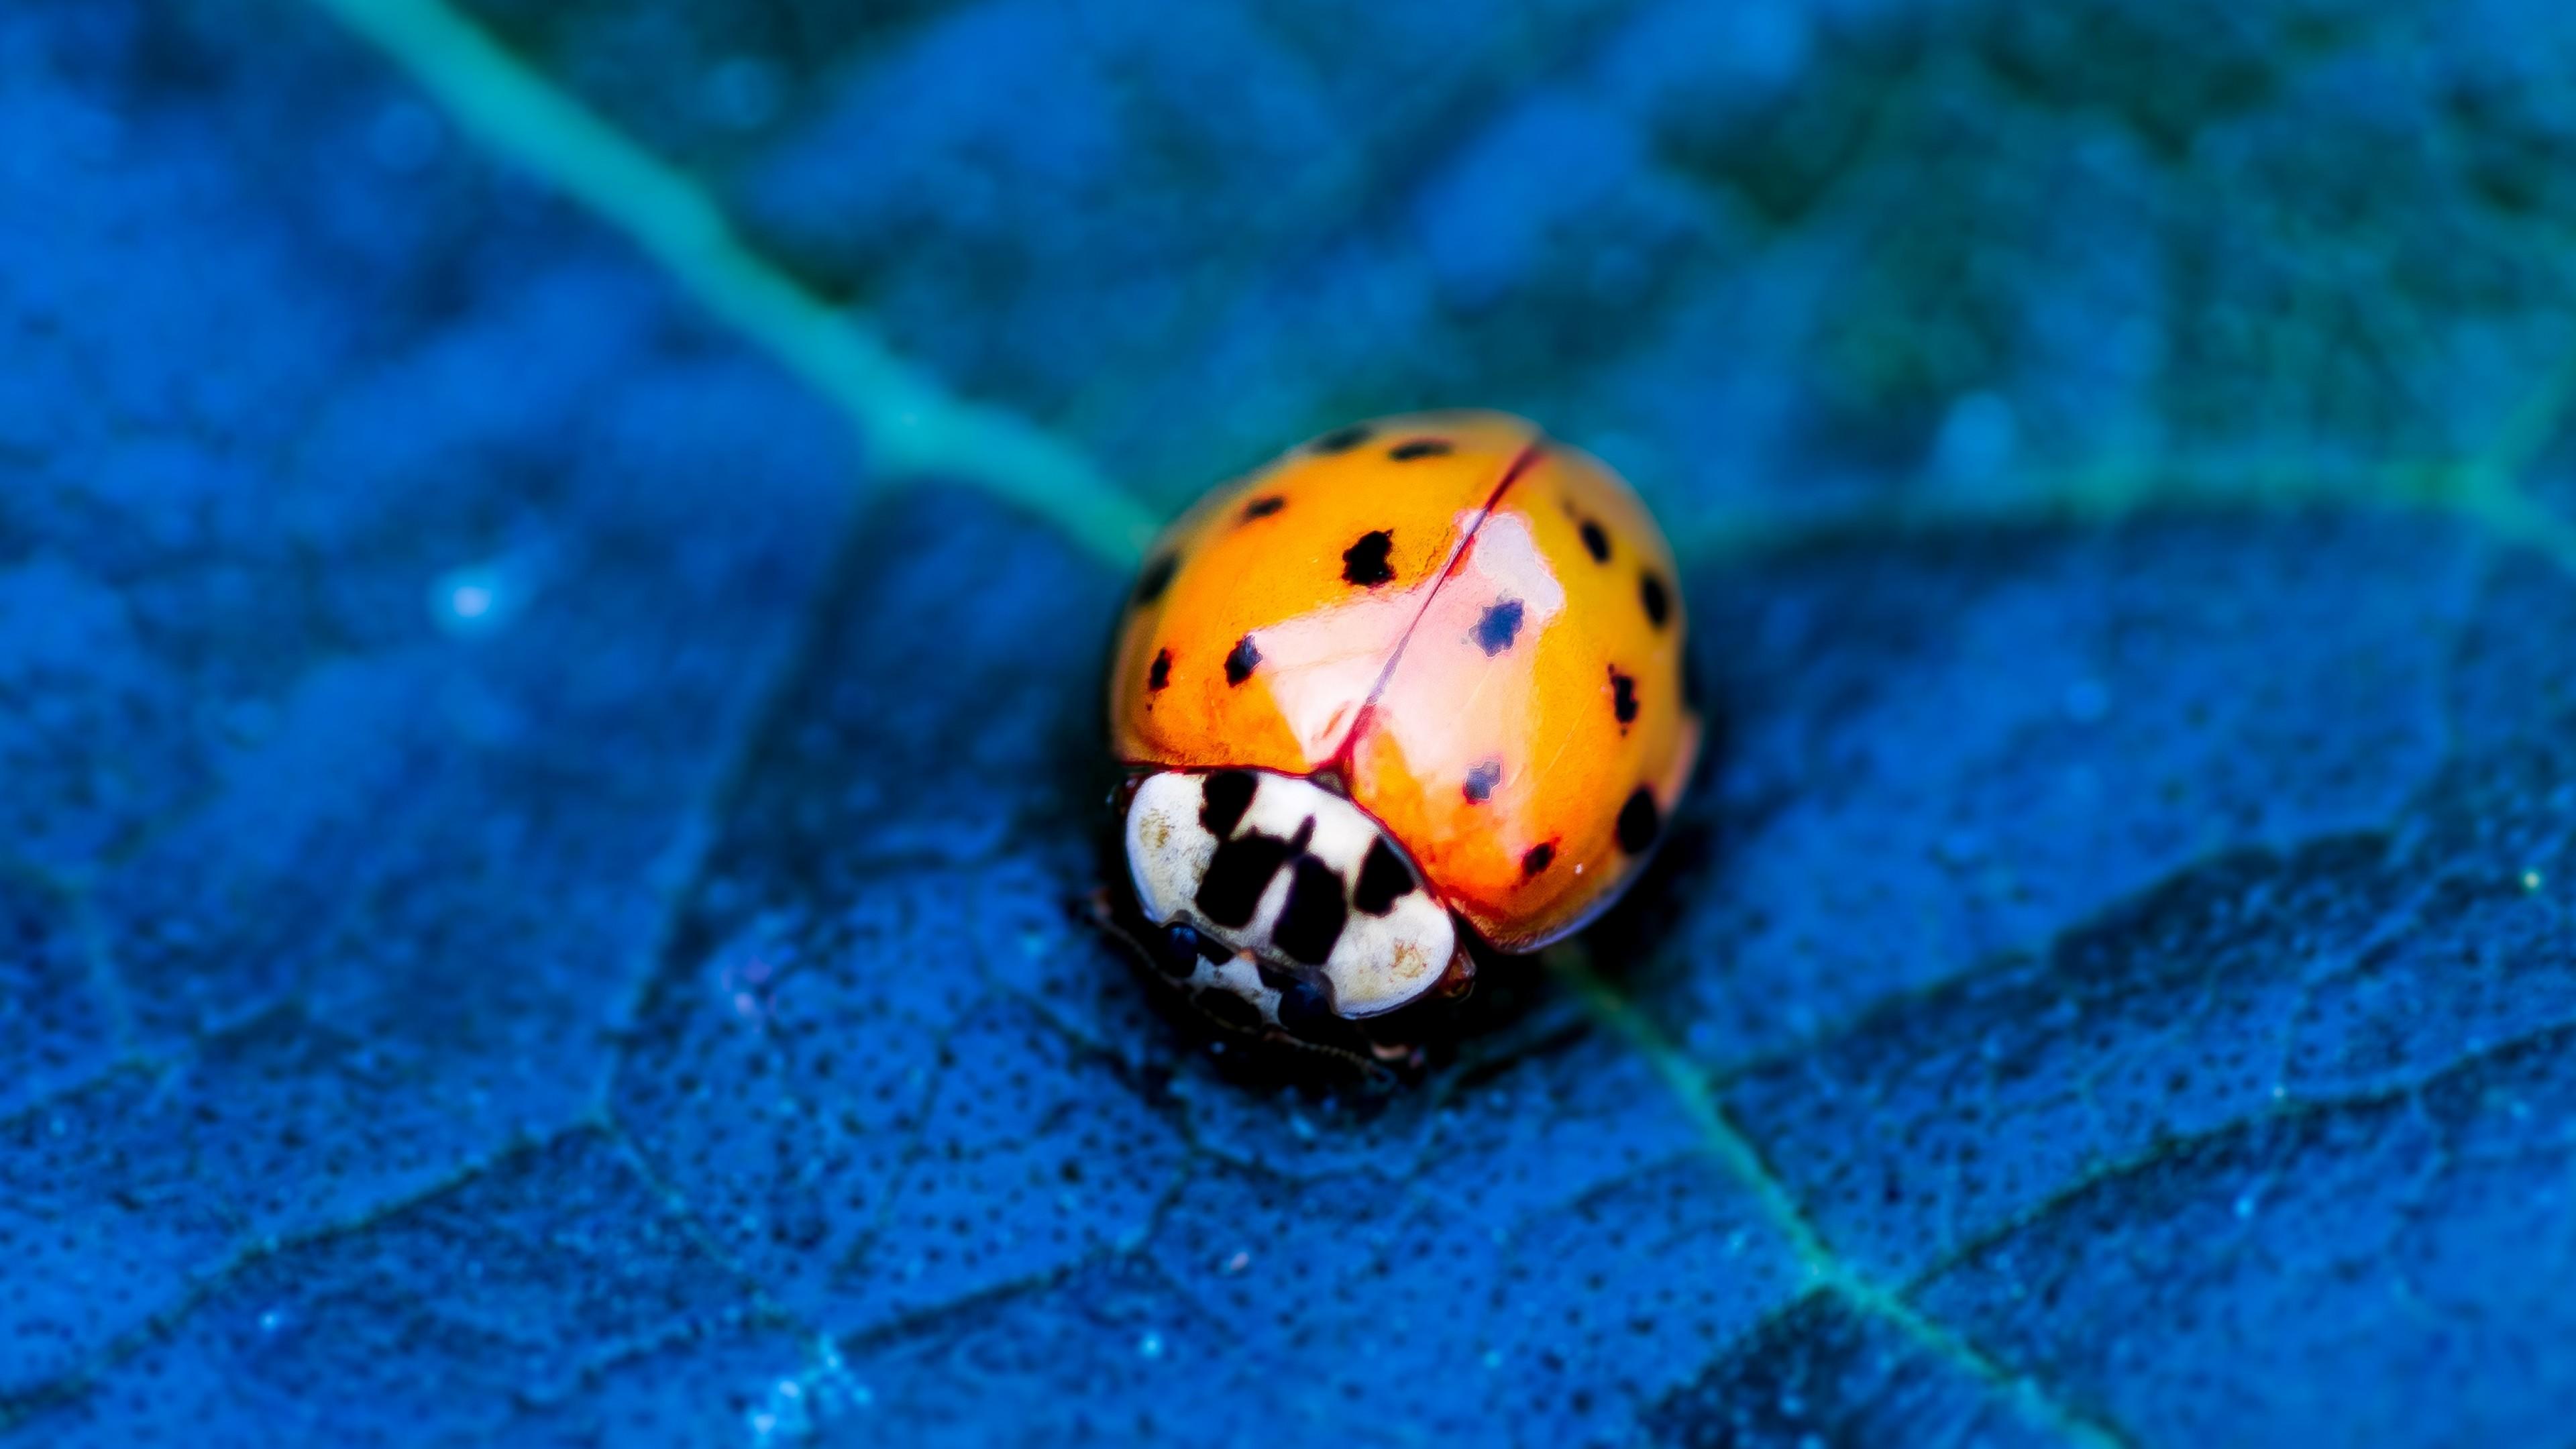 Wallpaper Ladybird Beetle Flower Blue Animals 10351